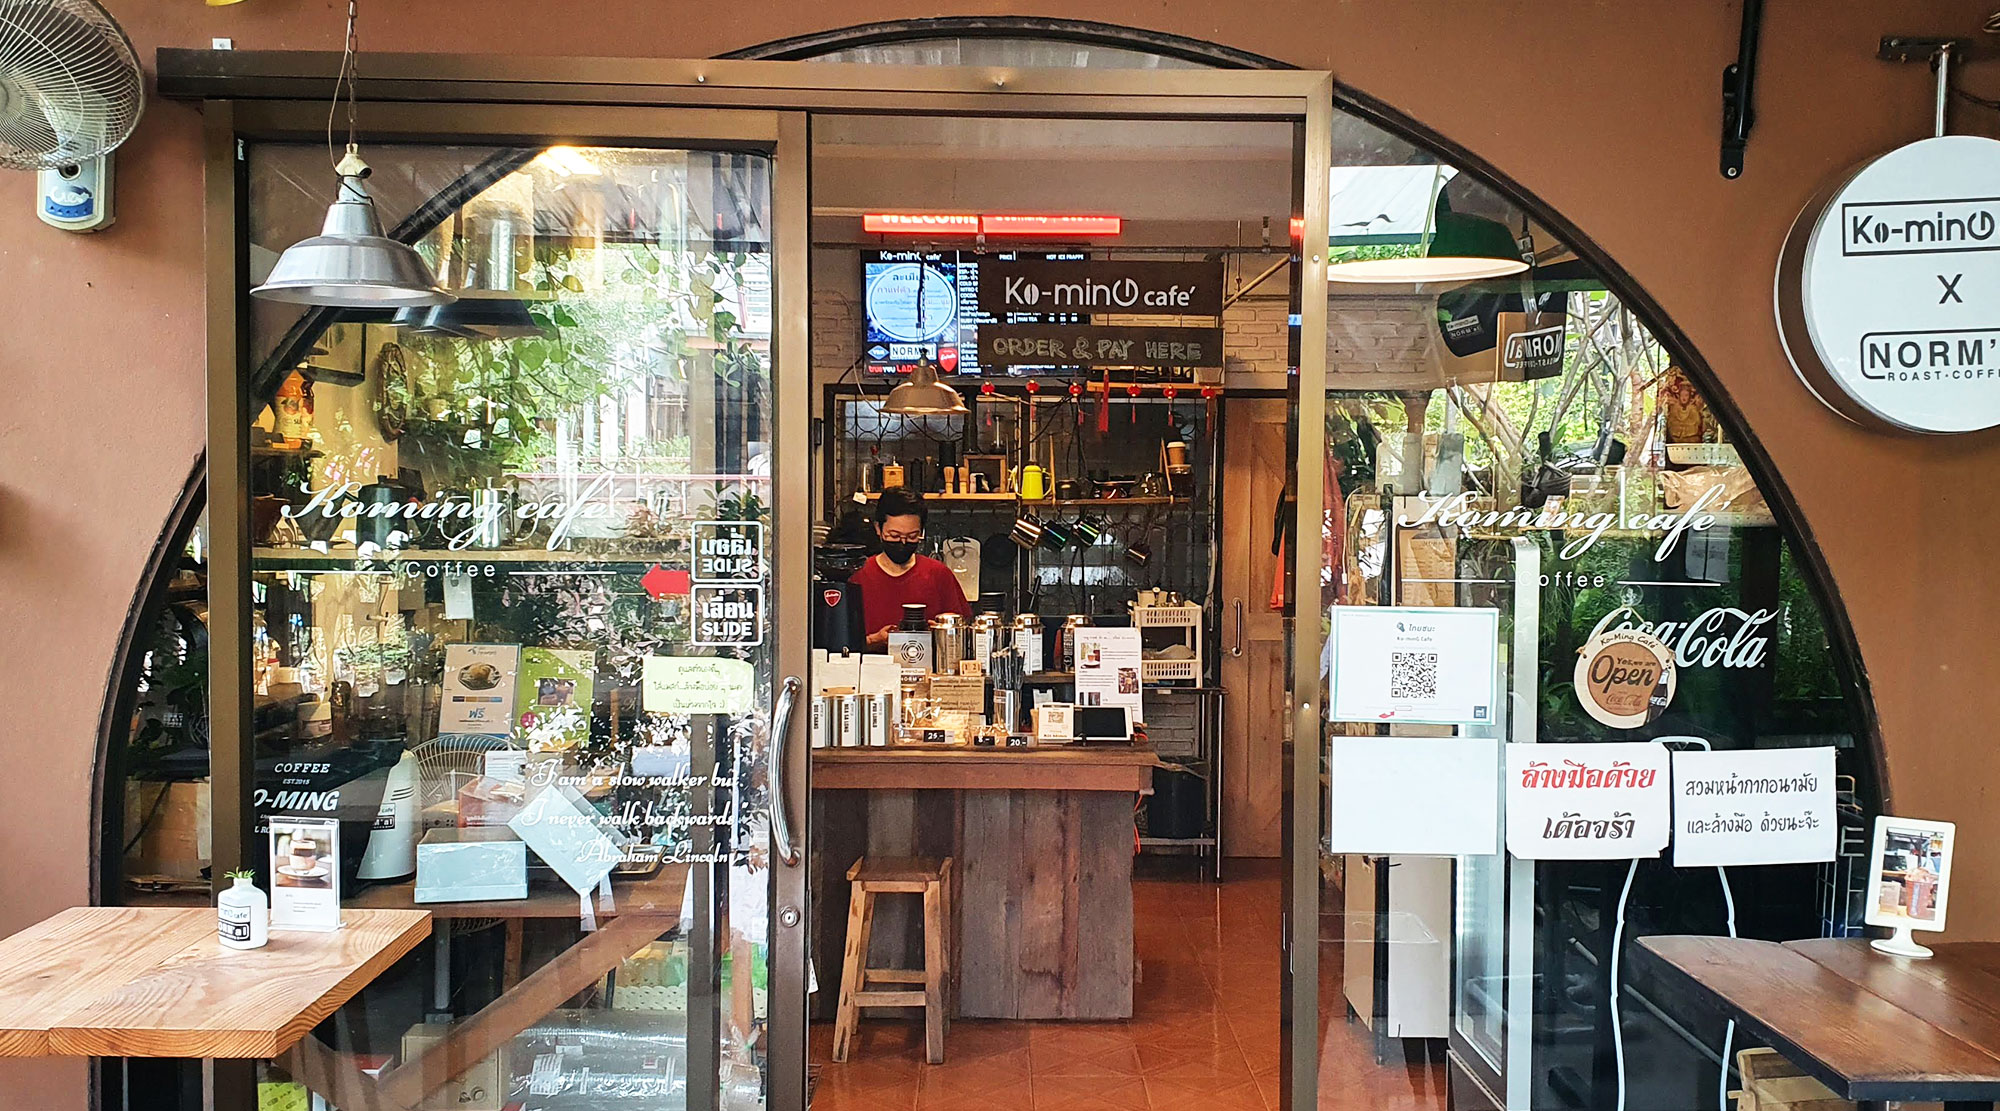 Ko-minG cafe | Udon Thani | Thailand